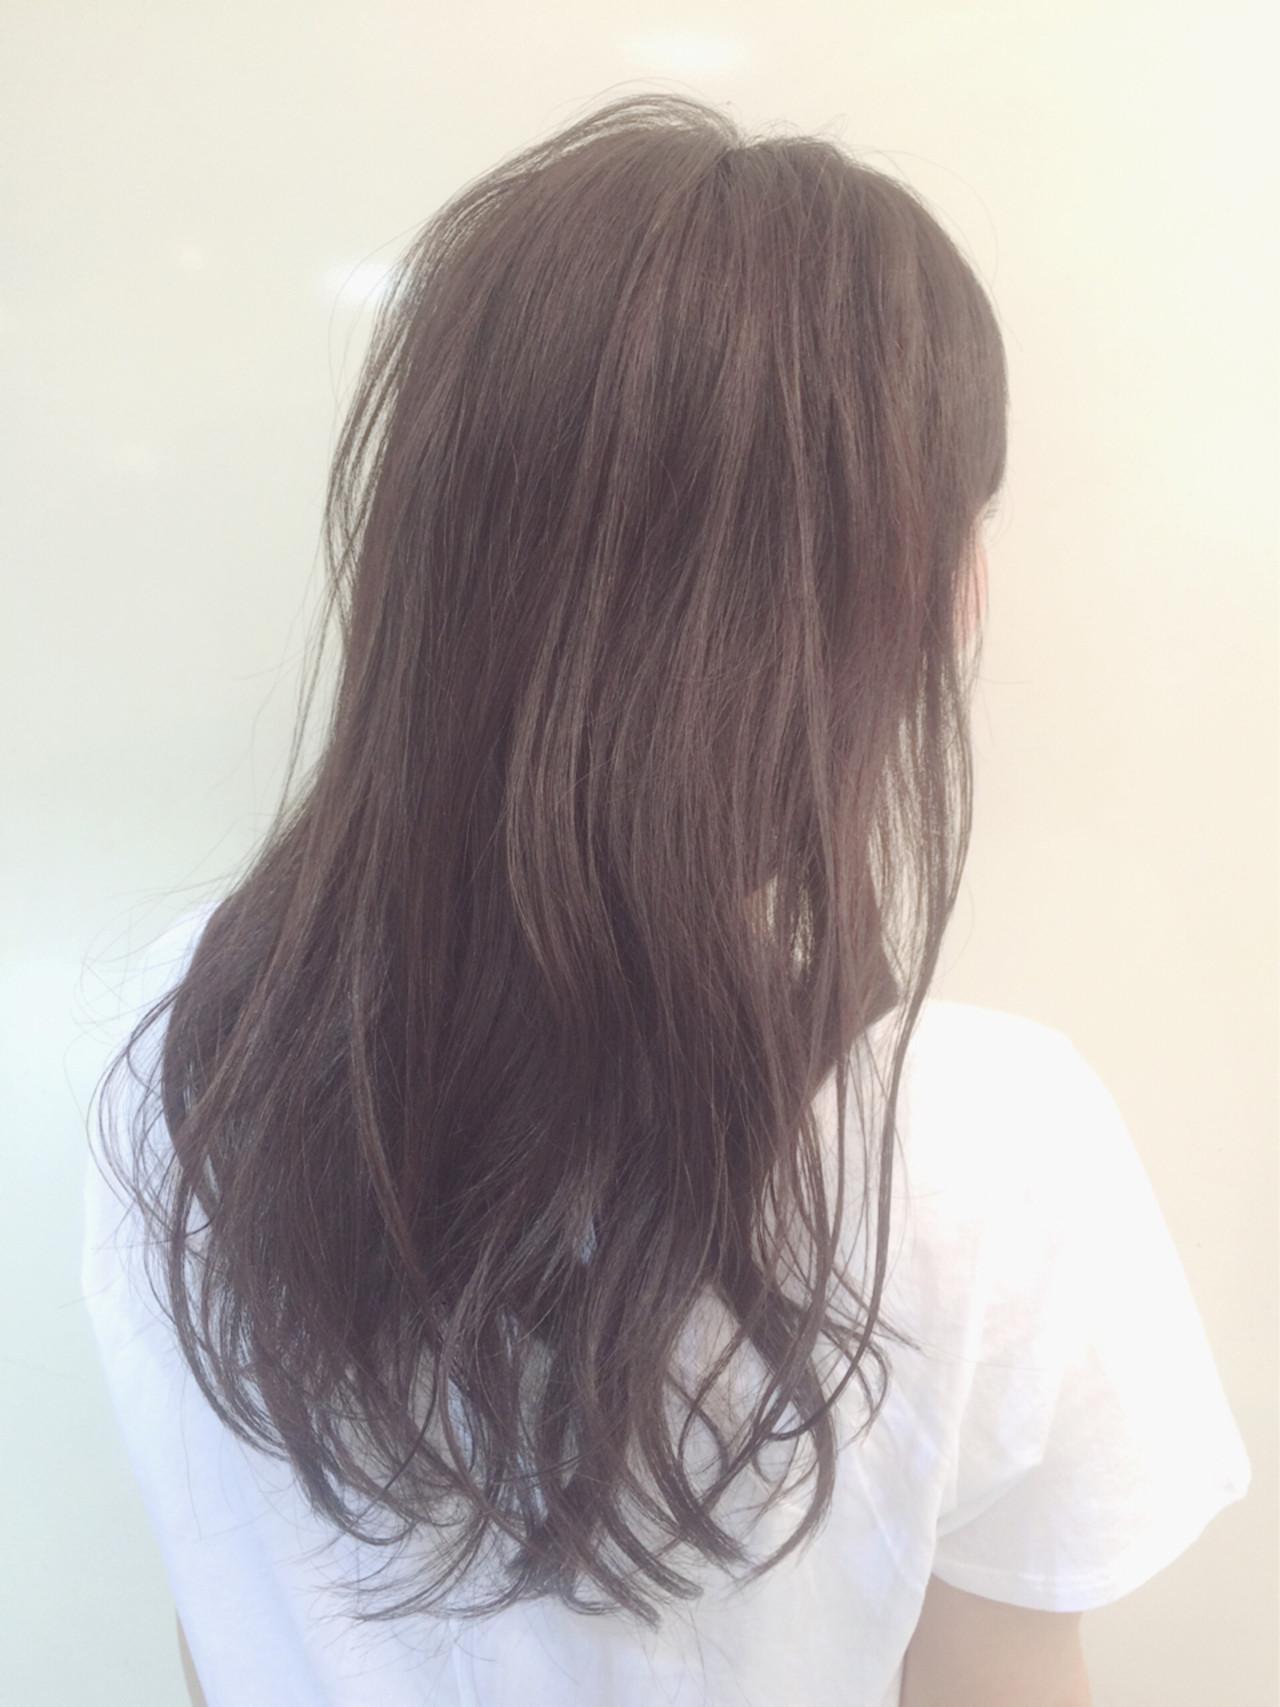 外国人風 ゆるふわ 黒髪 ロング ヘアスタイルや髪型の写真・画像 | 小林進 / neolive square